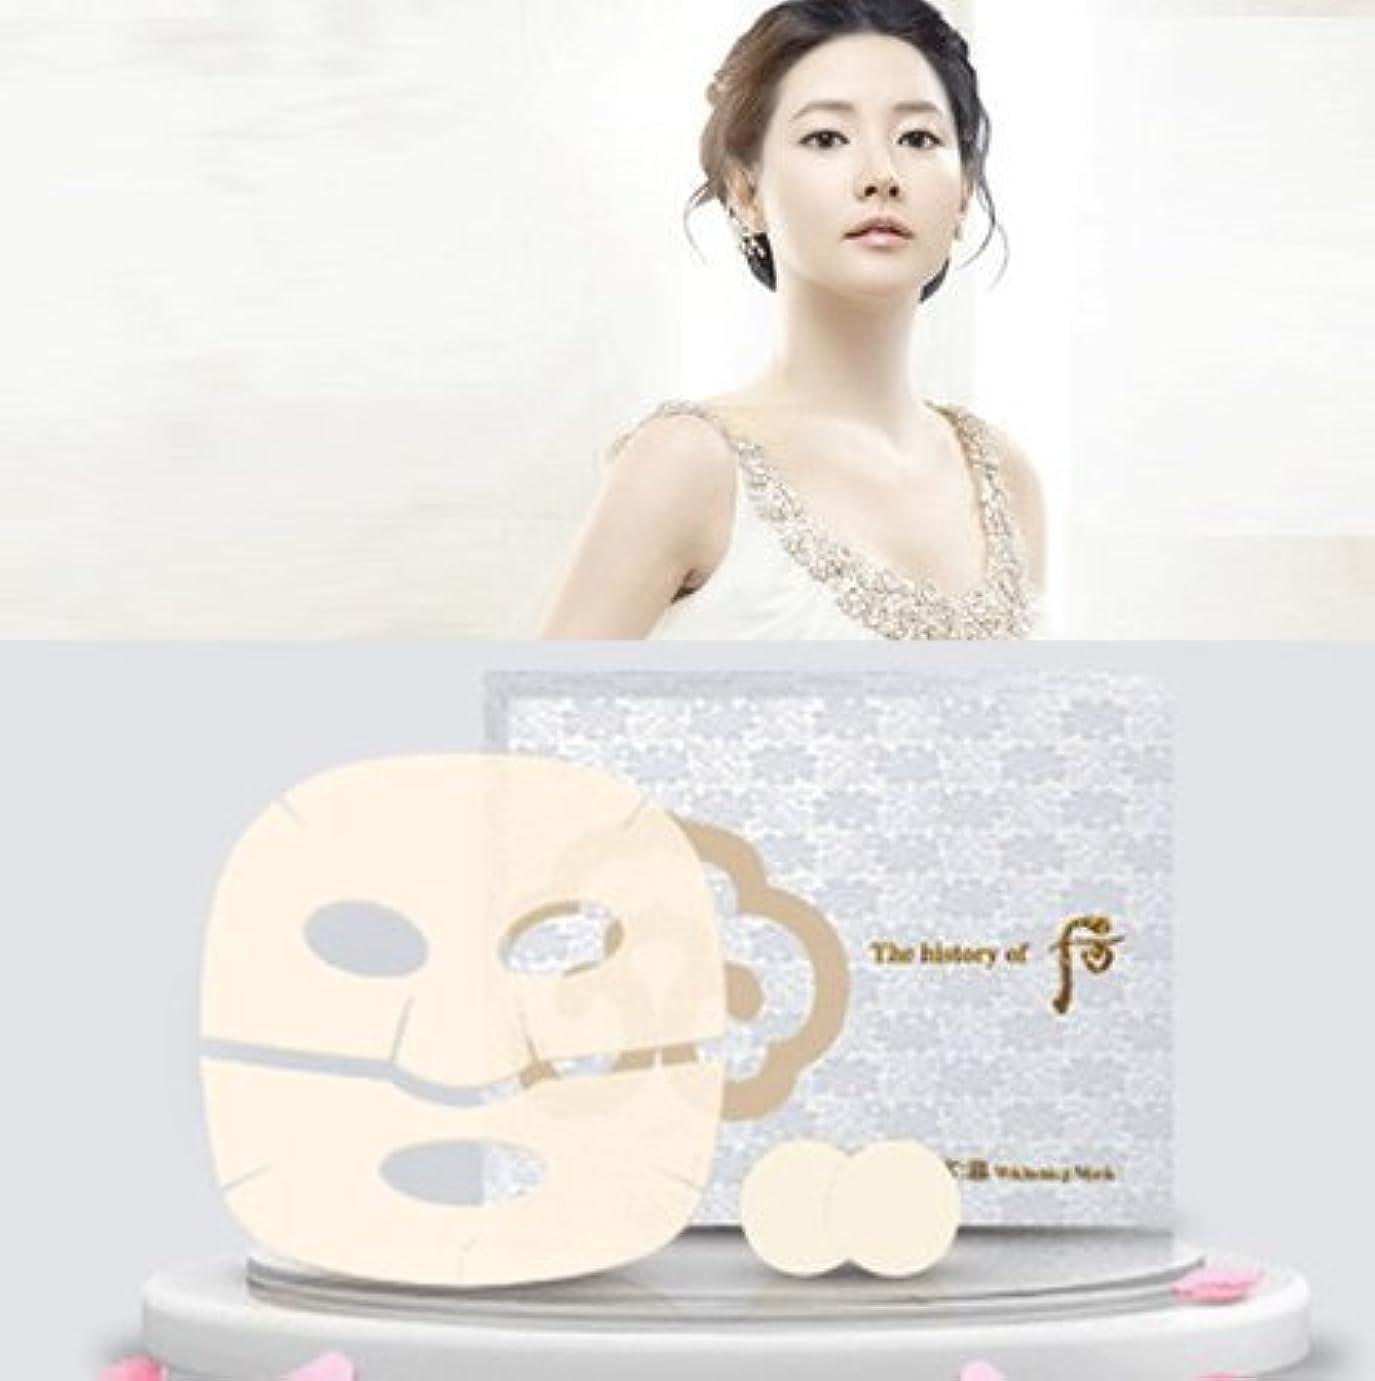 おびえたファランクス亡命【フー/The history of whoo] Whoo后 ゴンジンヒャン 美白 光 マスク8枚入/ Gongjinhyang Mask Sheet 8ea+ Sample Gift(海外直送品)